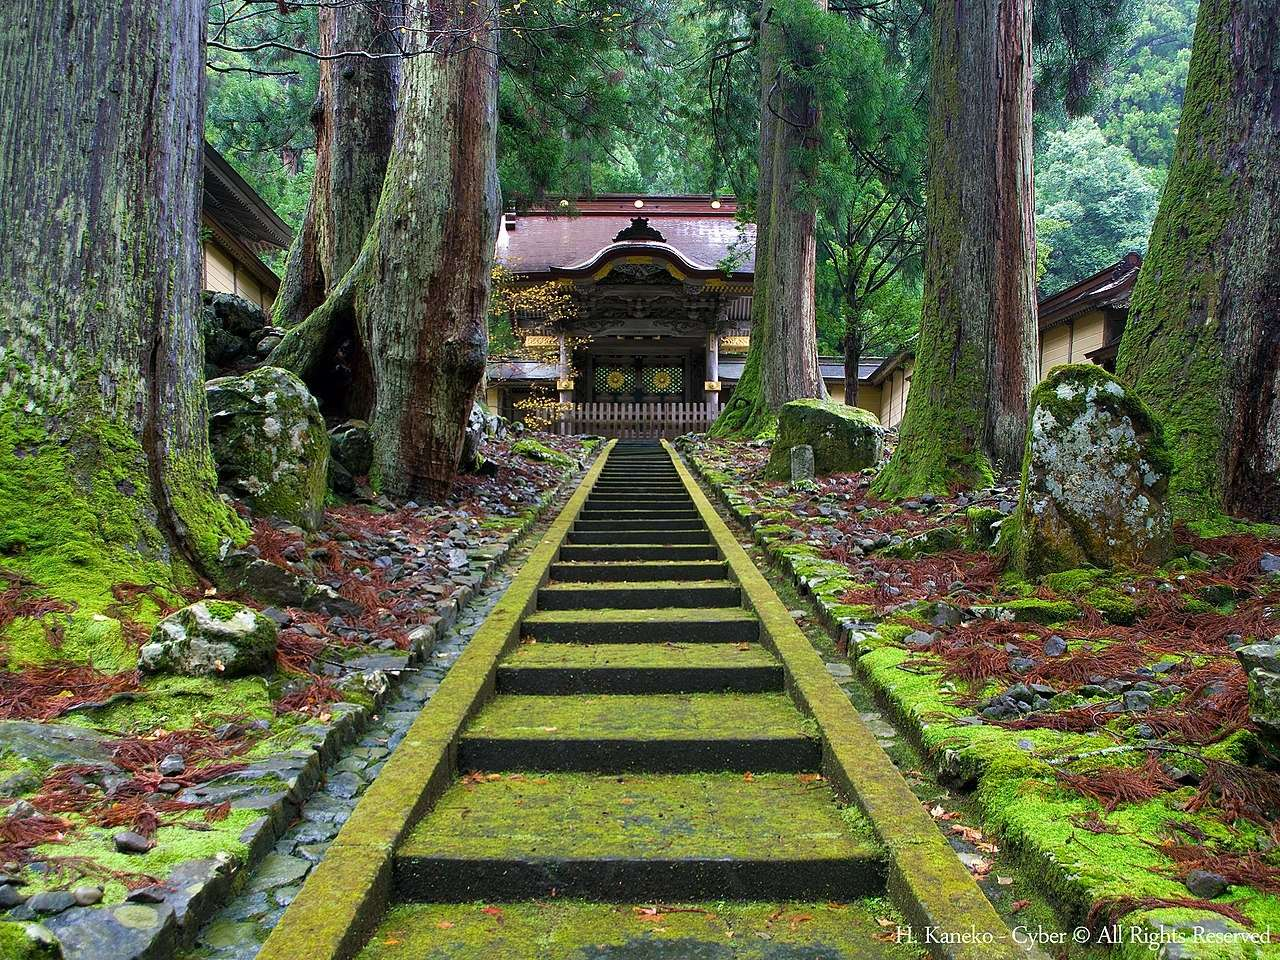 Vida y enseñanzas de Dōgen a través del Eihei Kōroku